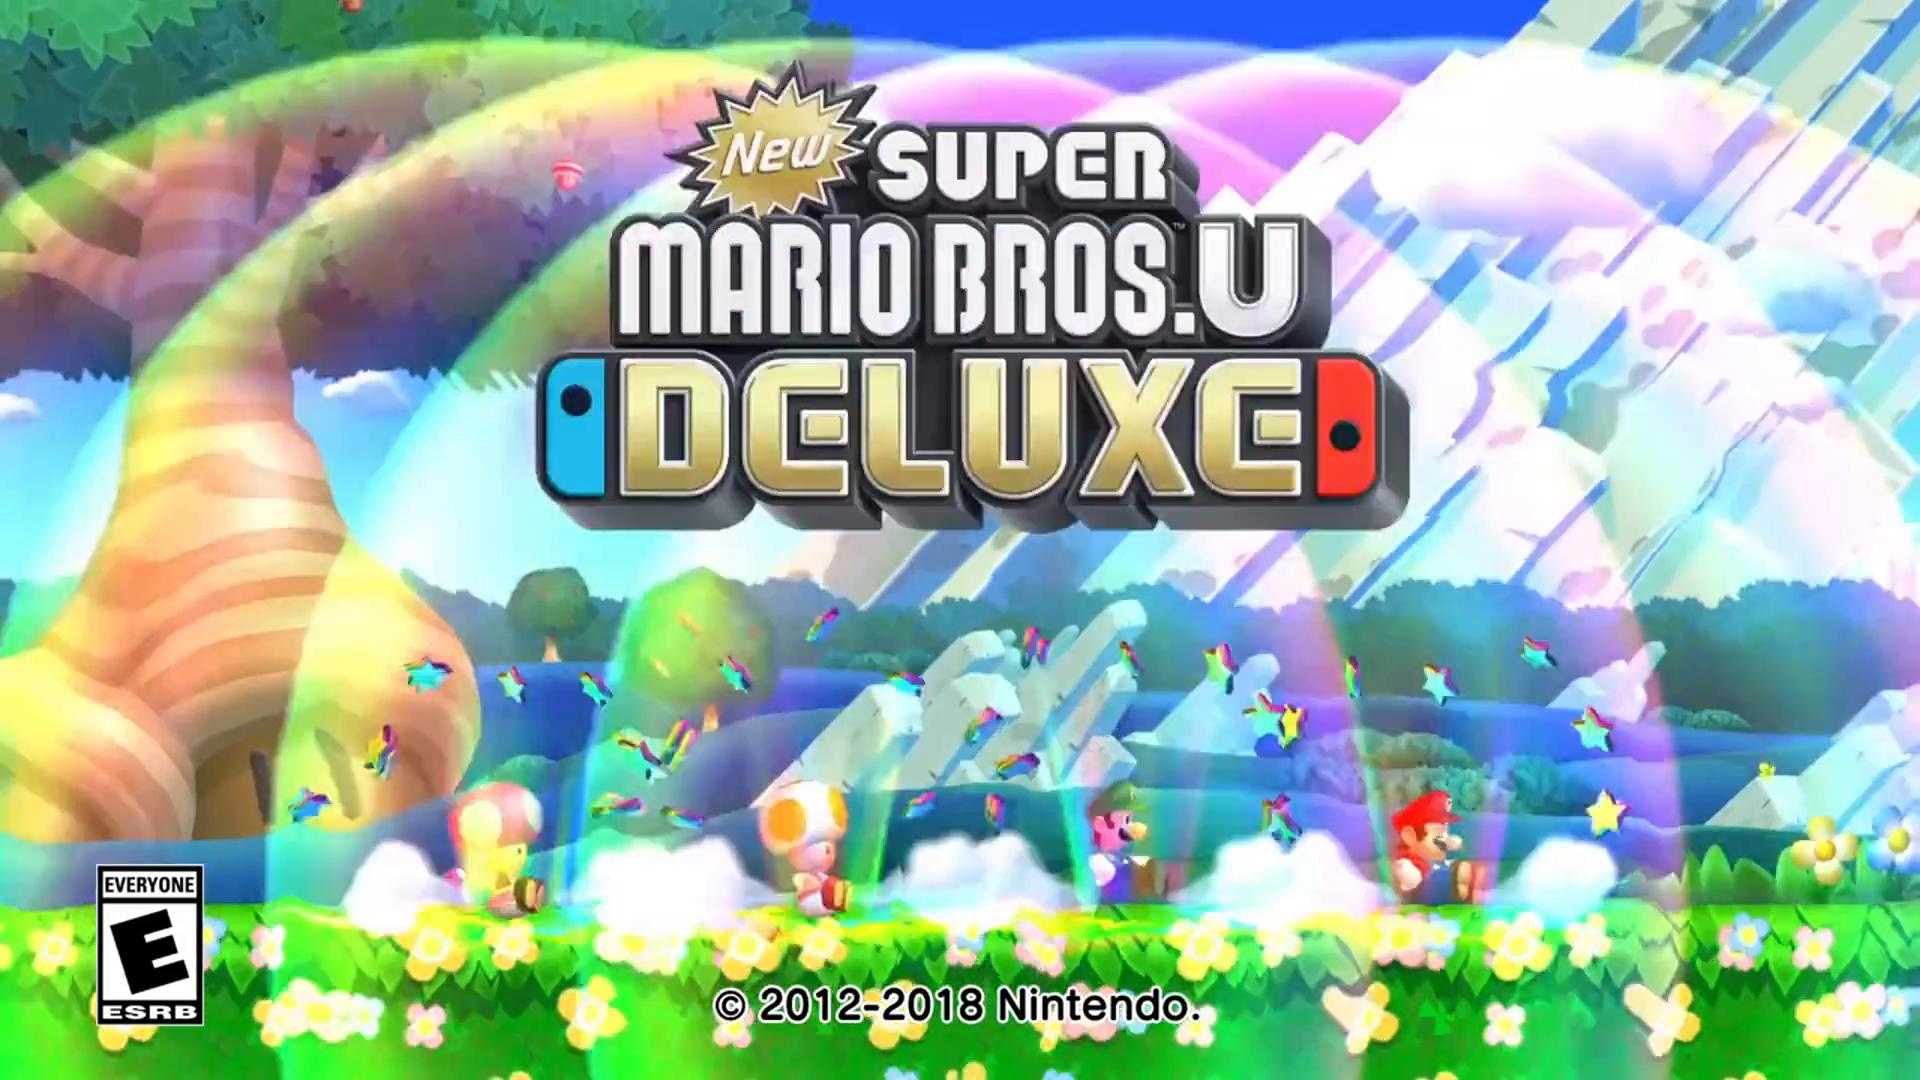 ผลการค้นหารูปภาพสำหรับ New Super Mario Bros. U Deluxe